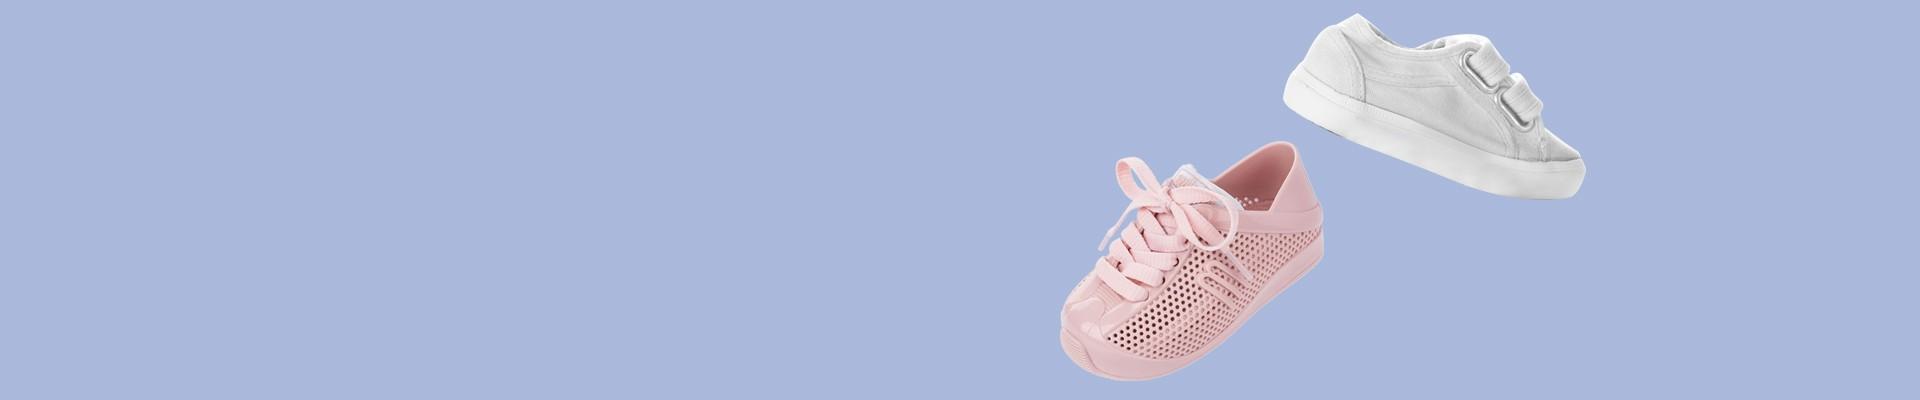 Jual Sneakers Anak Perempuan Anak Perempuan Terbaik Harga Murah